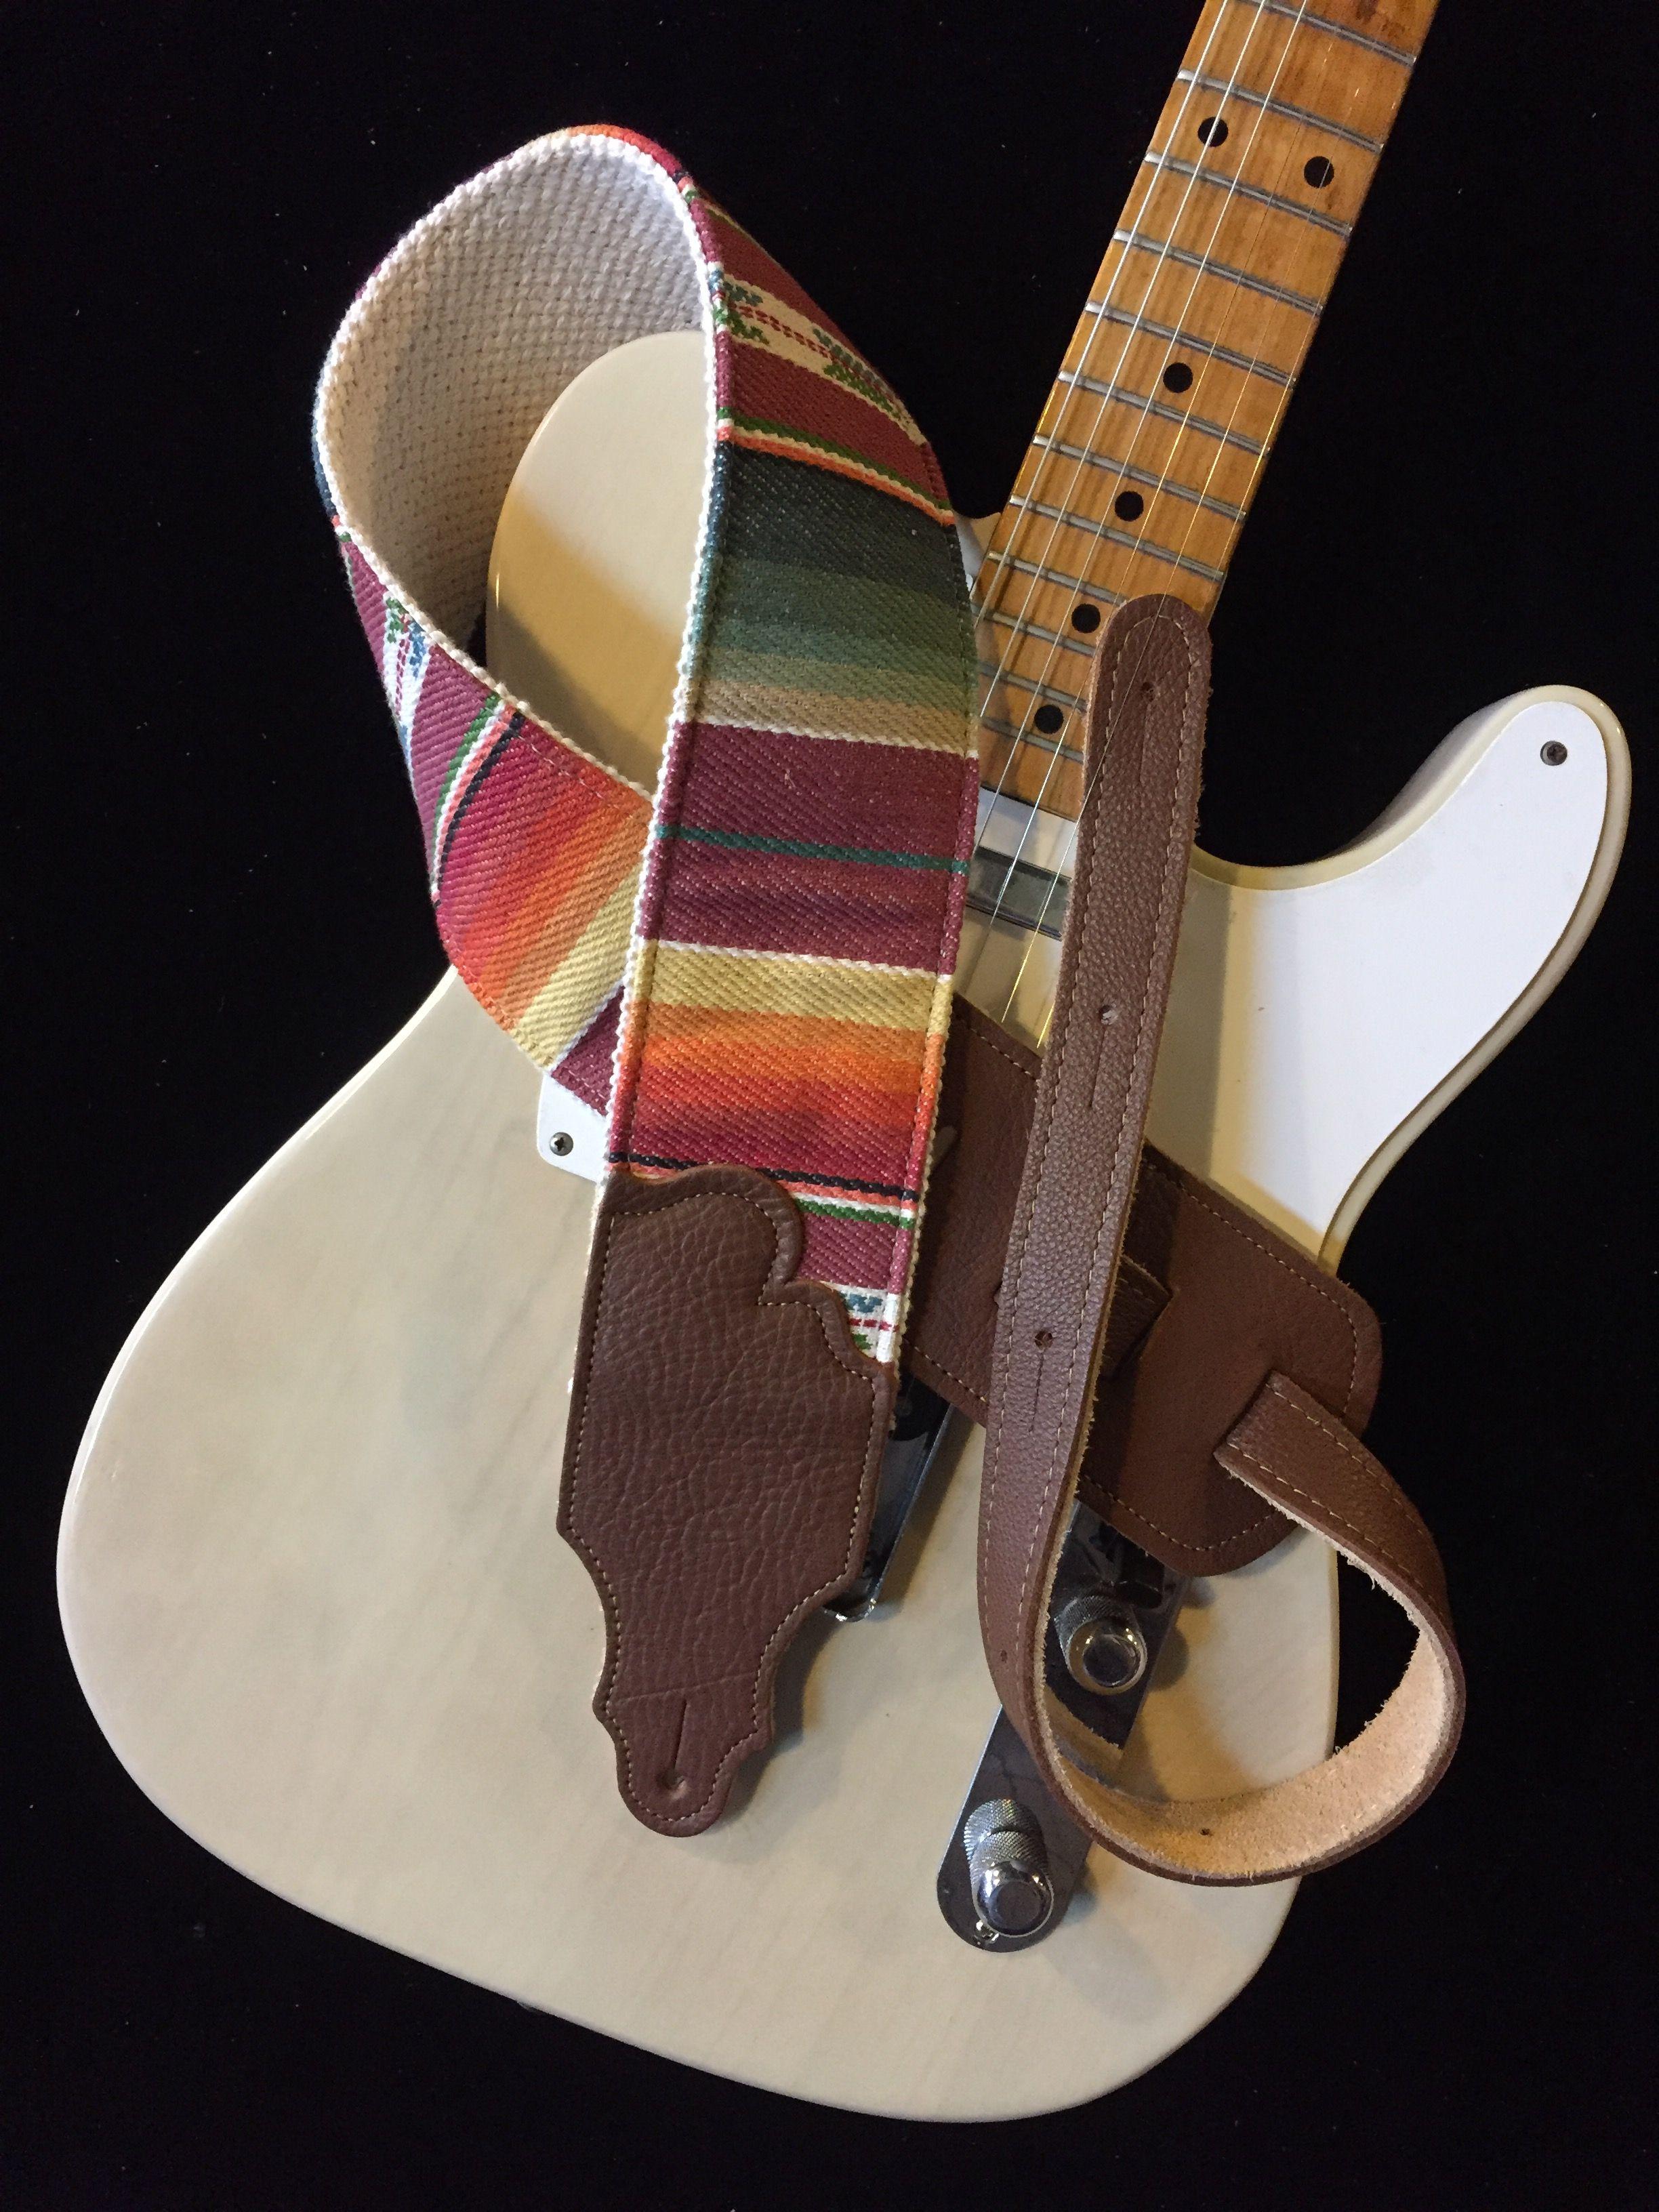 Tele With 3 Saddle Blanket Franklin Saddle Blanket Guitar Strap Soft Gloves